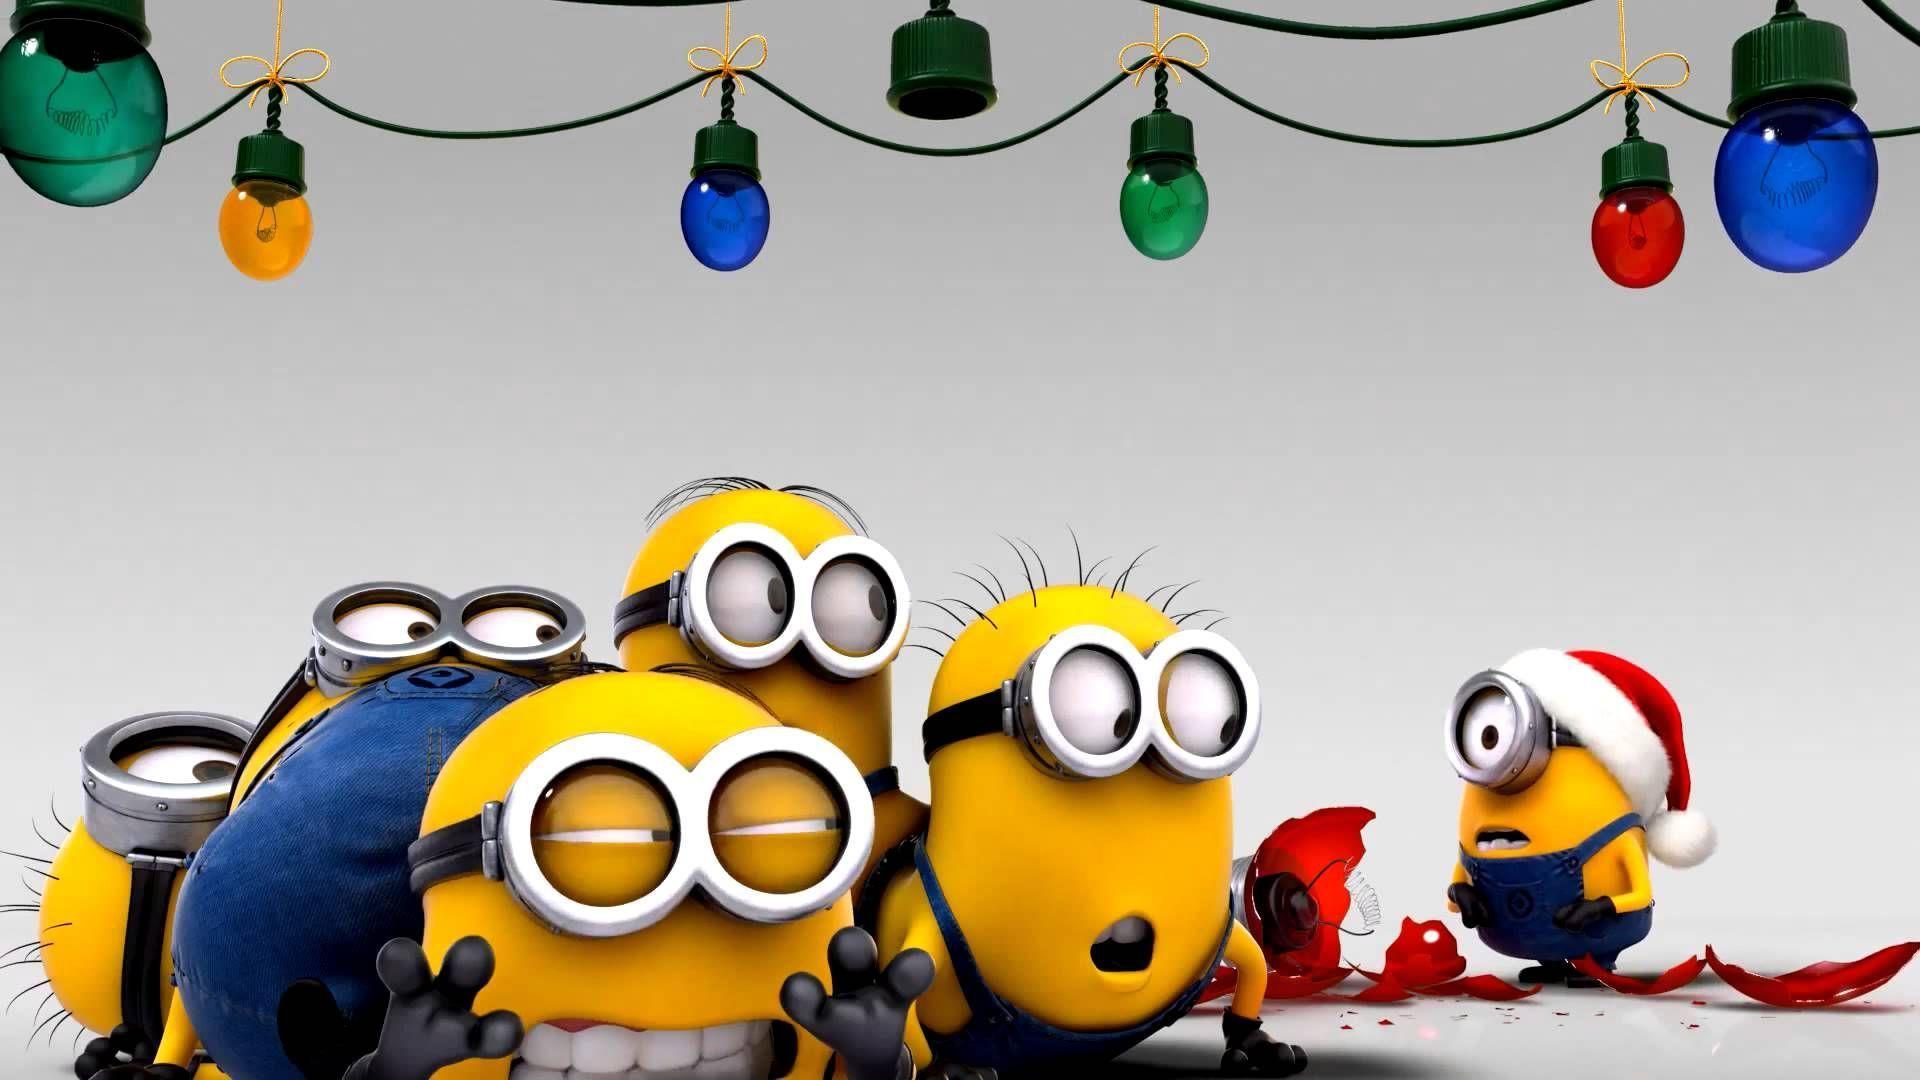 Funny Christmas Wallpapers Top Free Funny Christmas